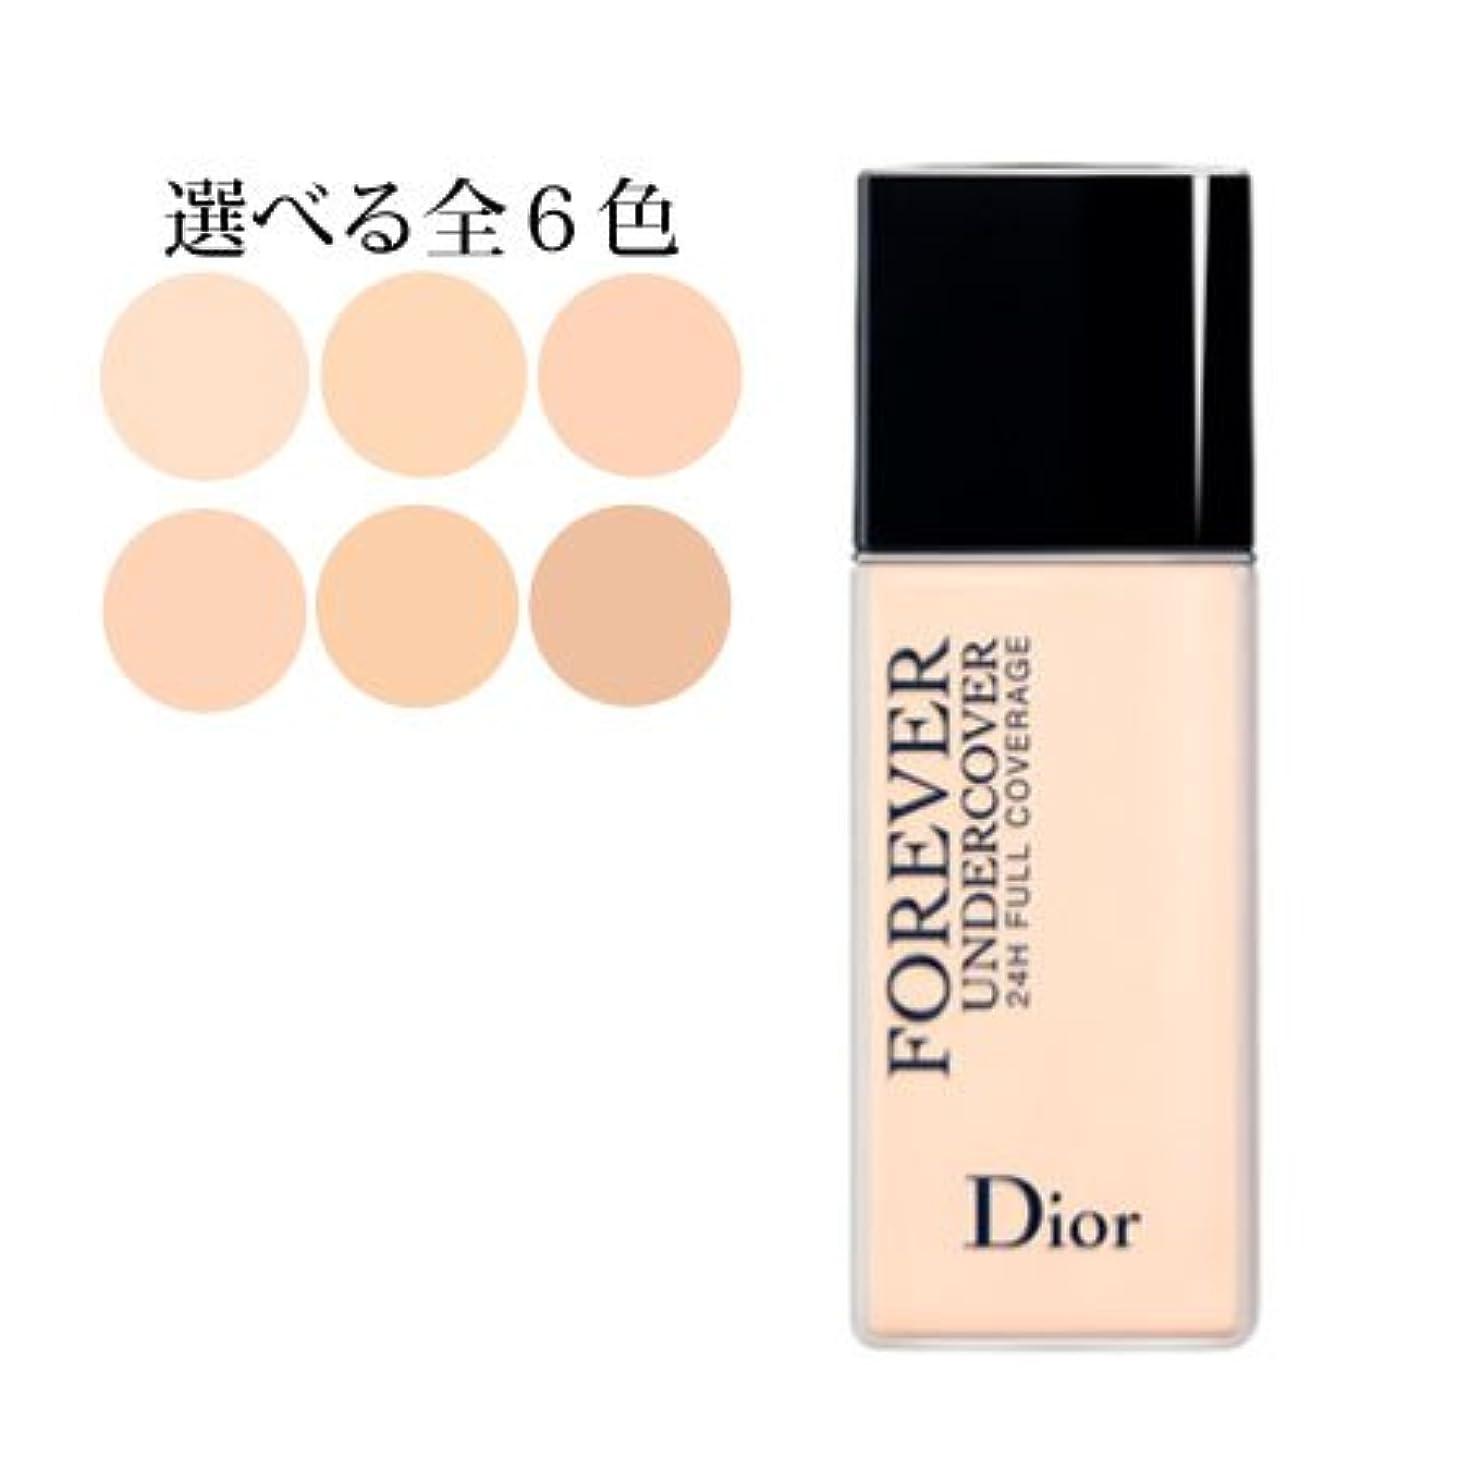 定刻市長初期のディオールスキン フォーエヴァー アンダーカバー 選べる6色 -Dior- 020